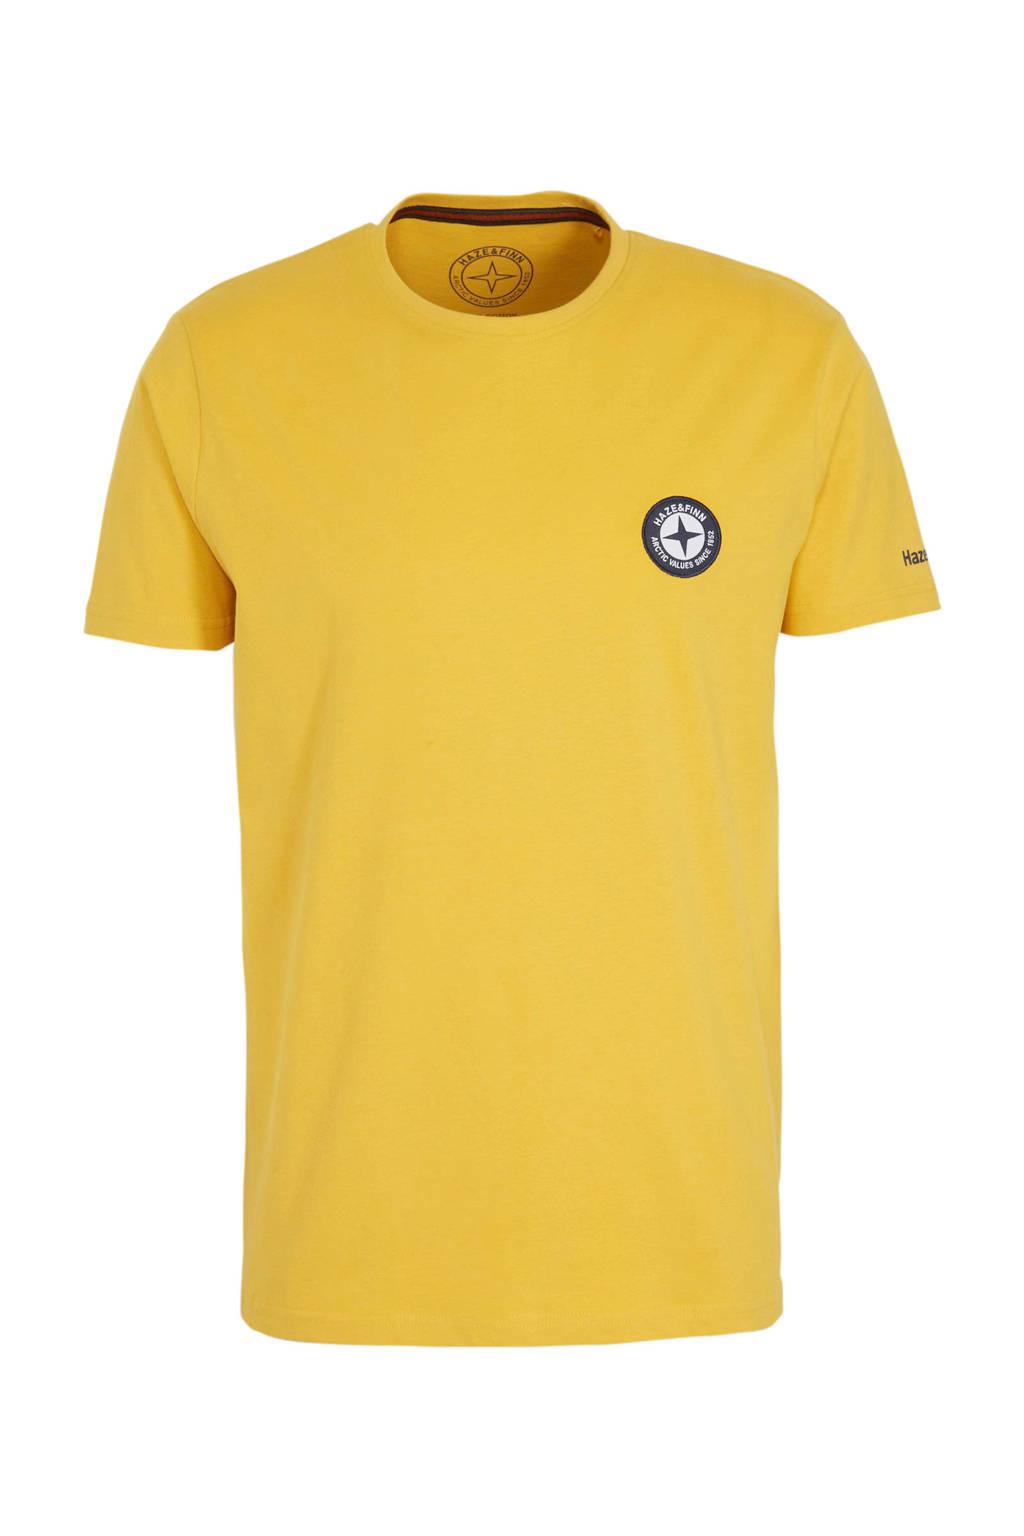 Haze & Finn T-shirt met logo geel/zwart, Geel/zwart